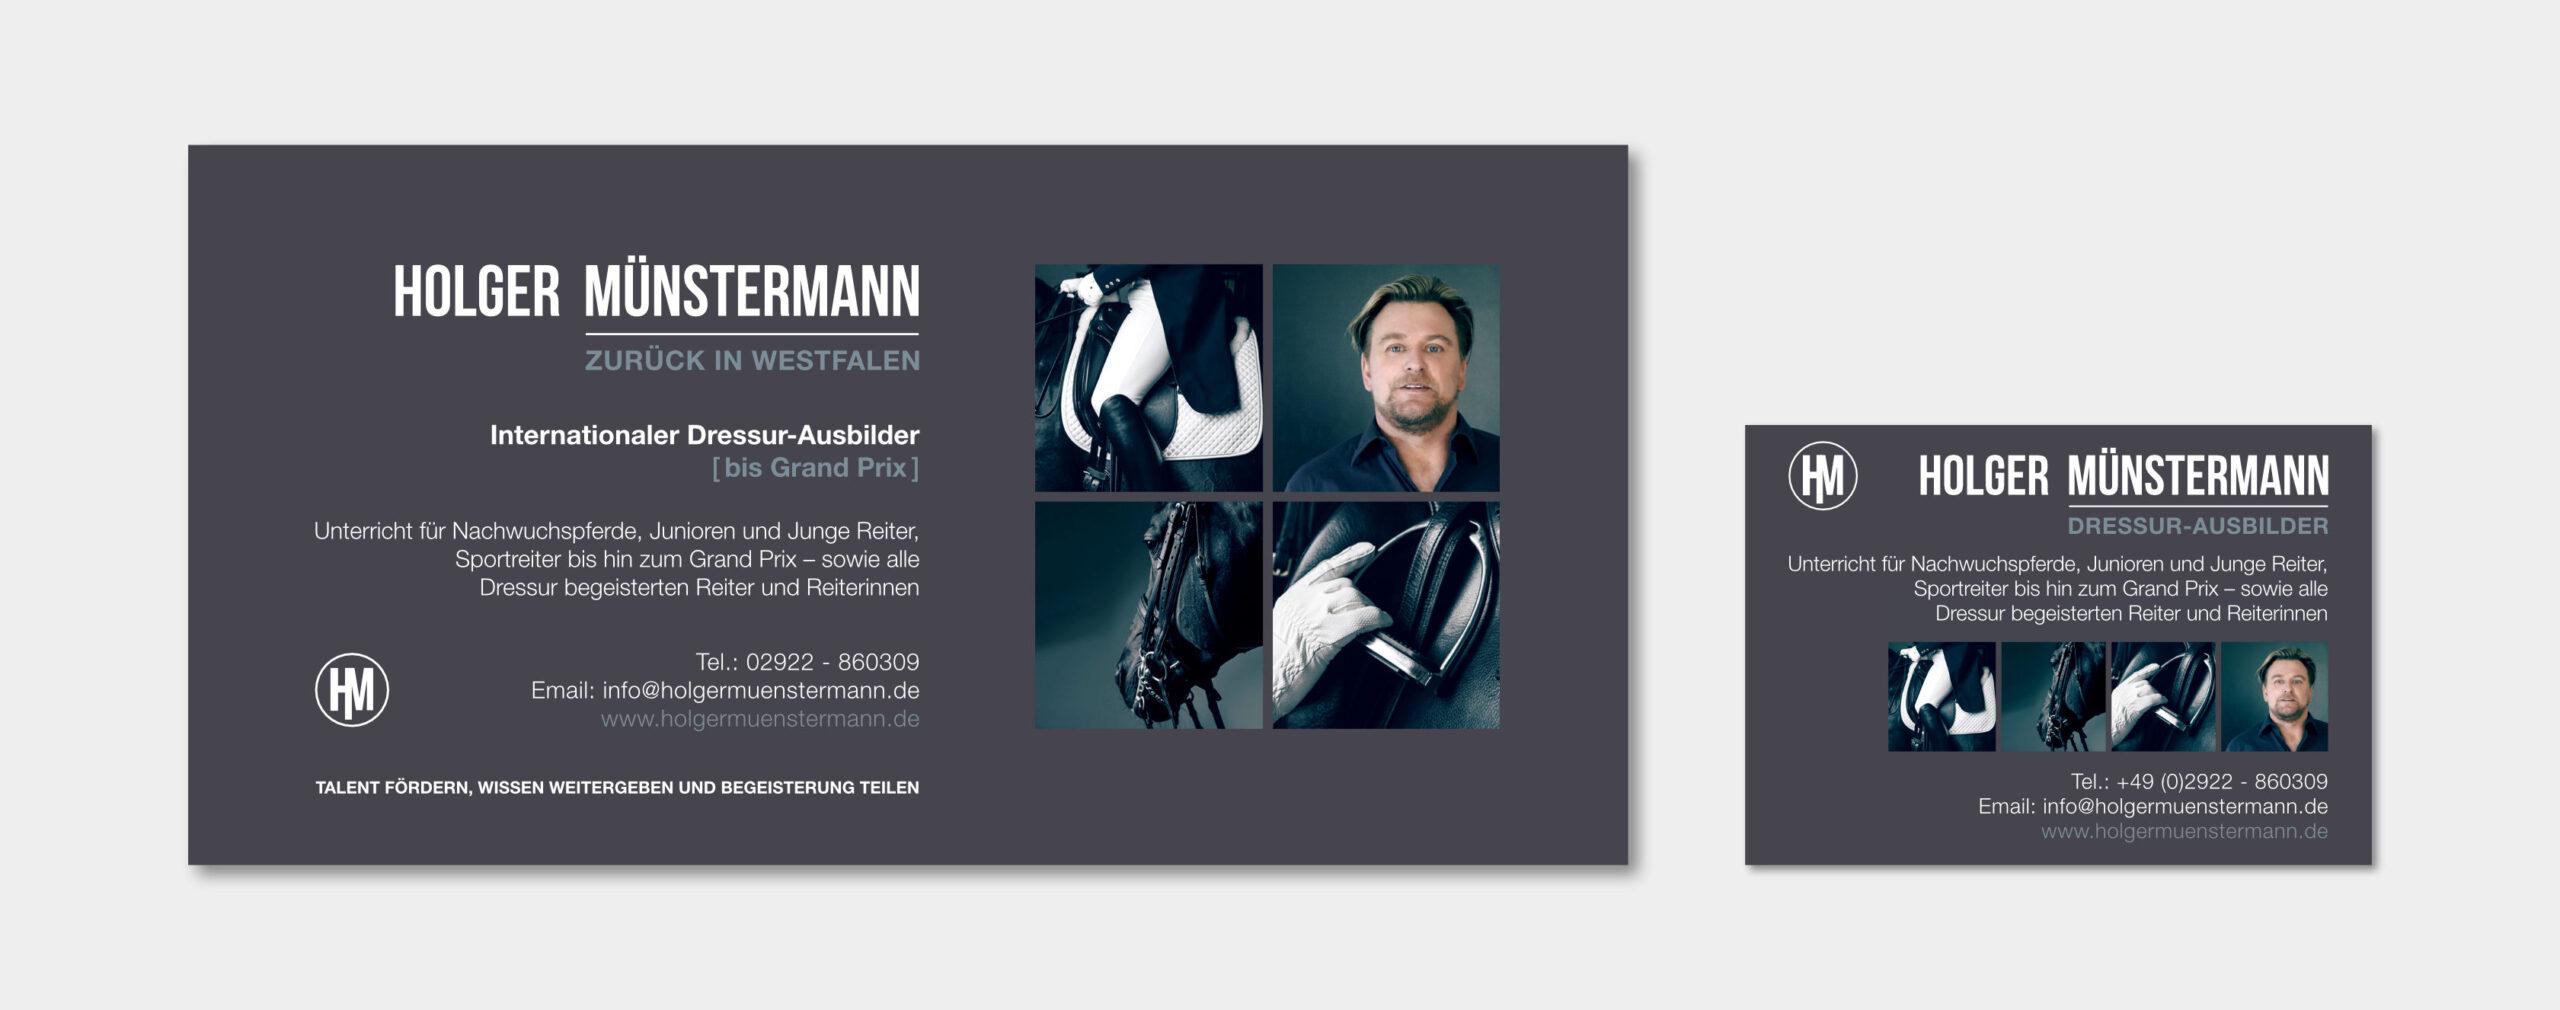 1313 multimedial Grafikdesign Sauerland Arnsberg Anzeige Magazin Design